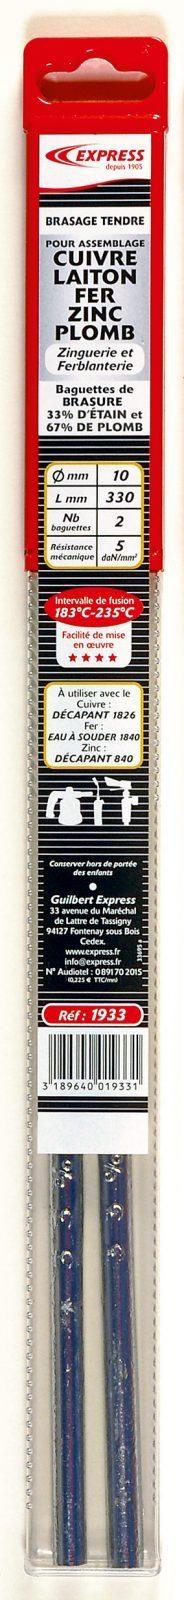 Baguettes de brasure Réf. 1933